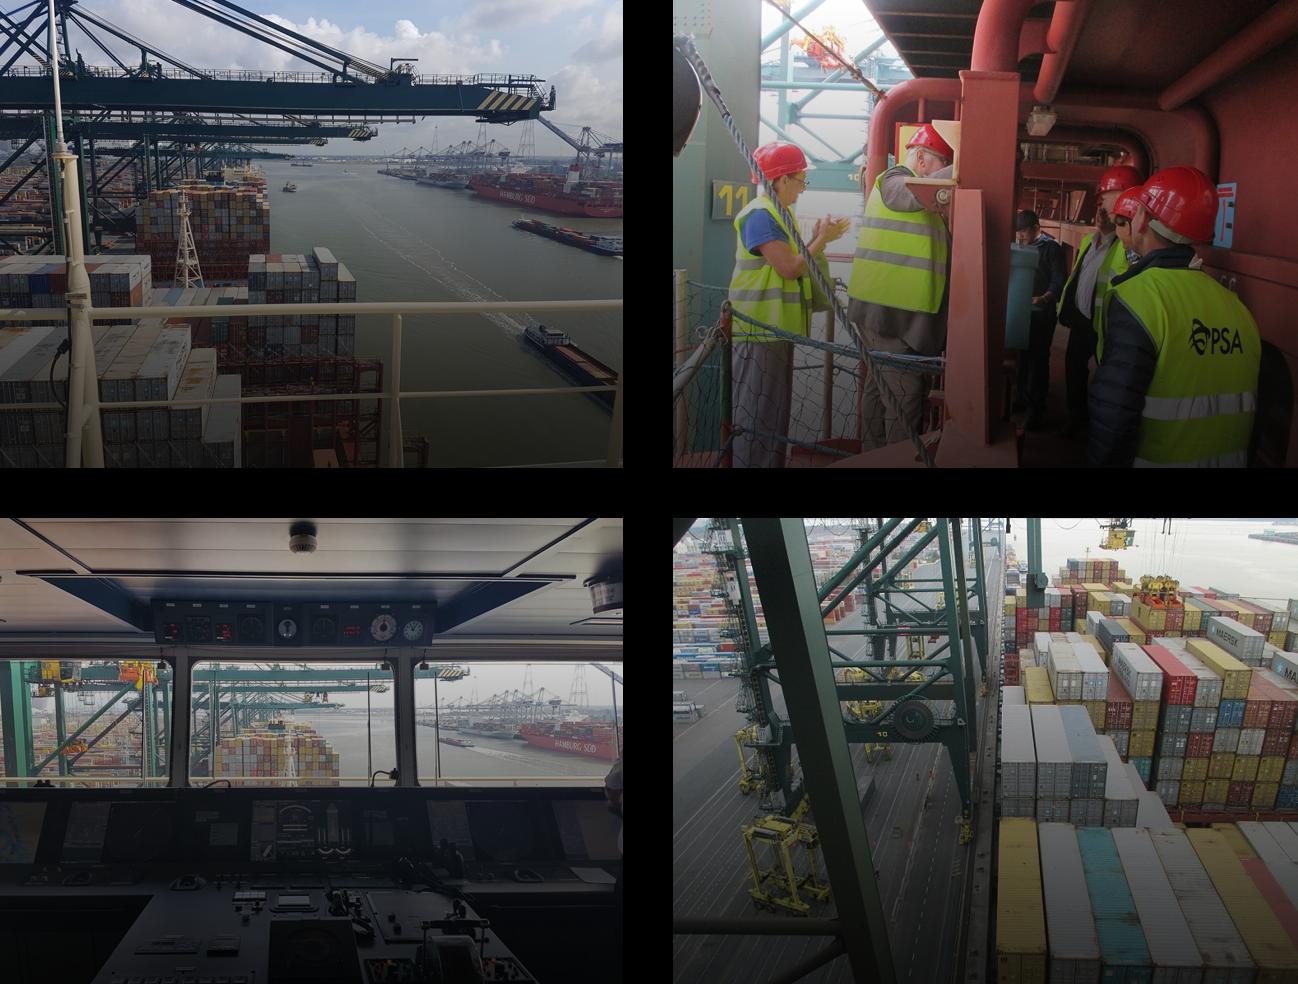 Madrid Maersk vessel visit | Lancaster Logistics